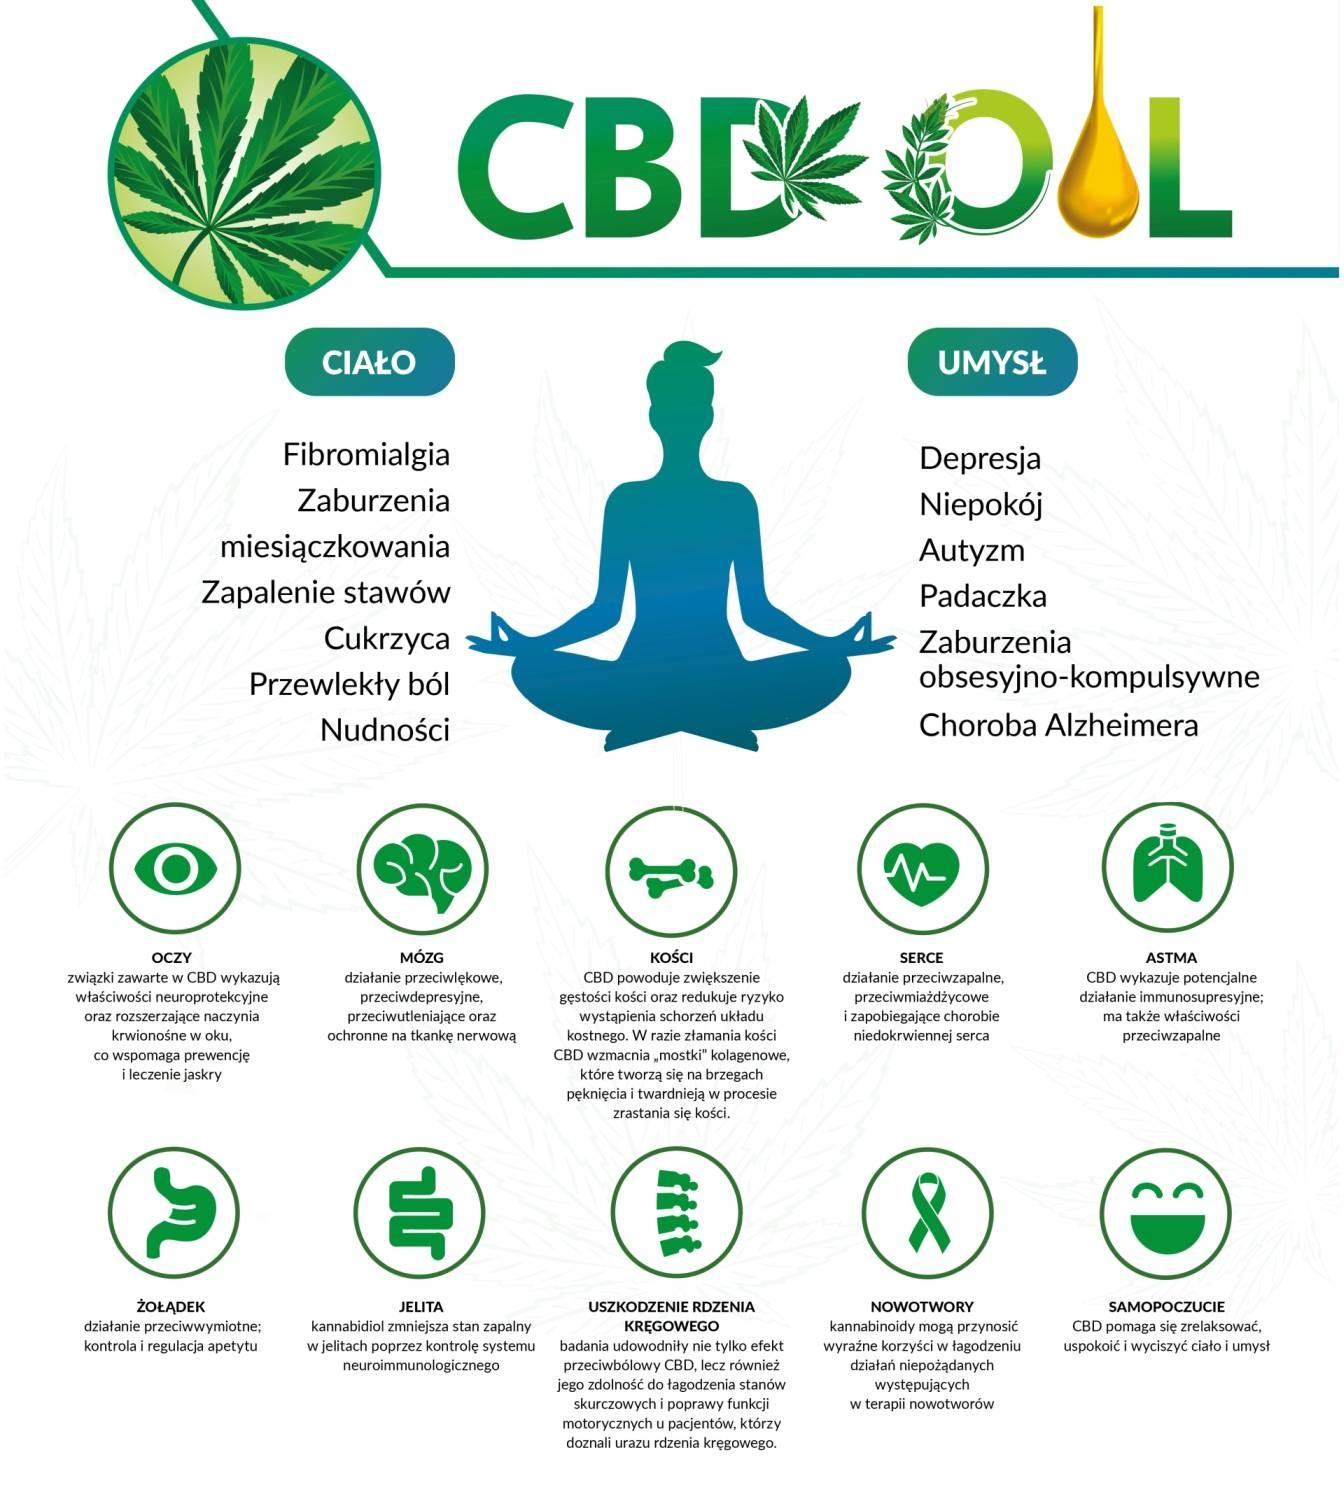 Olejek CBD - zastosowanie. Na co pomagają konopie lecznicze? Infografika.